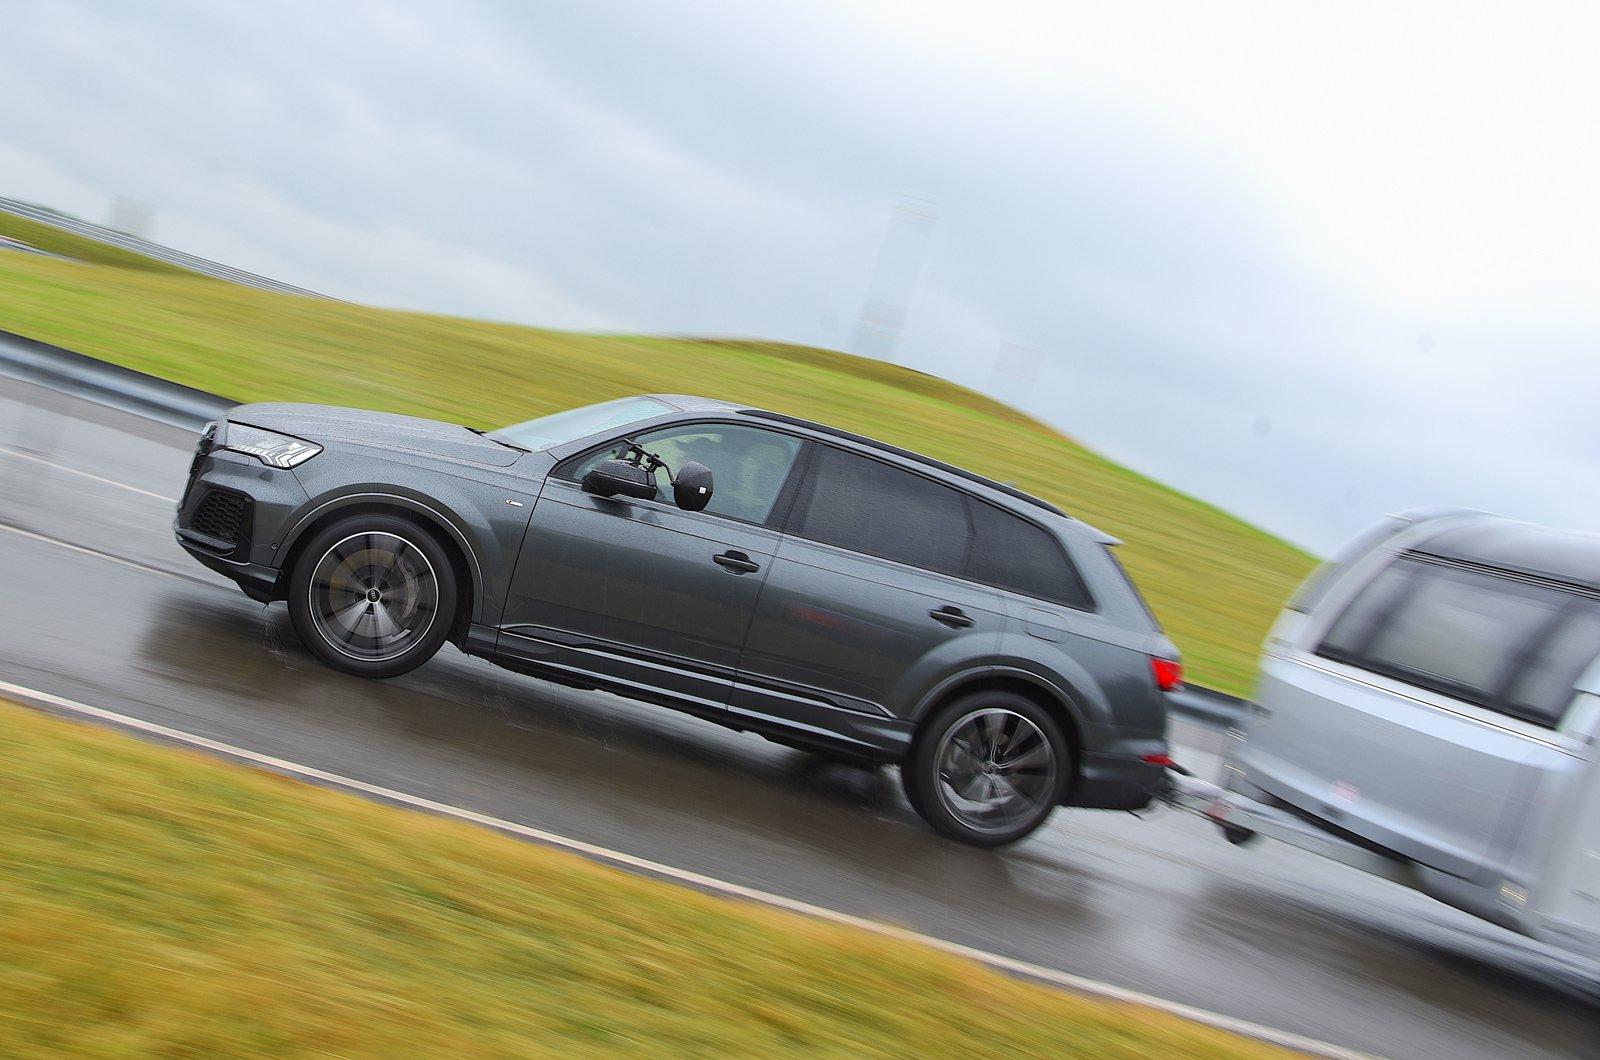 Audi Q7 pulling a caravan